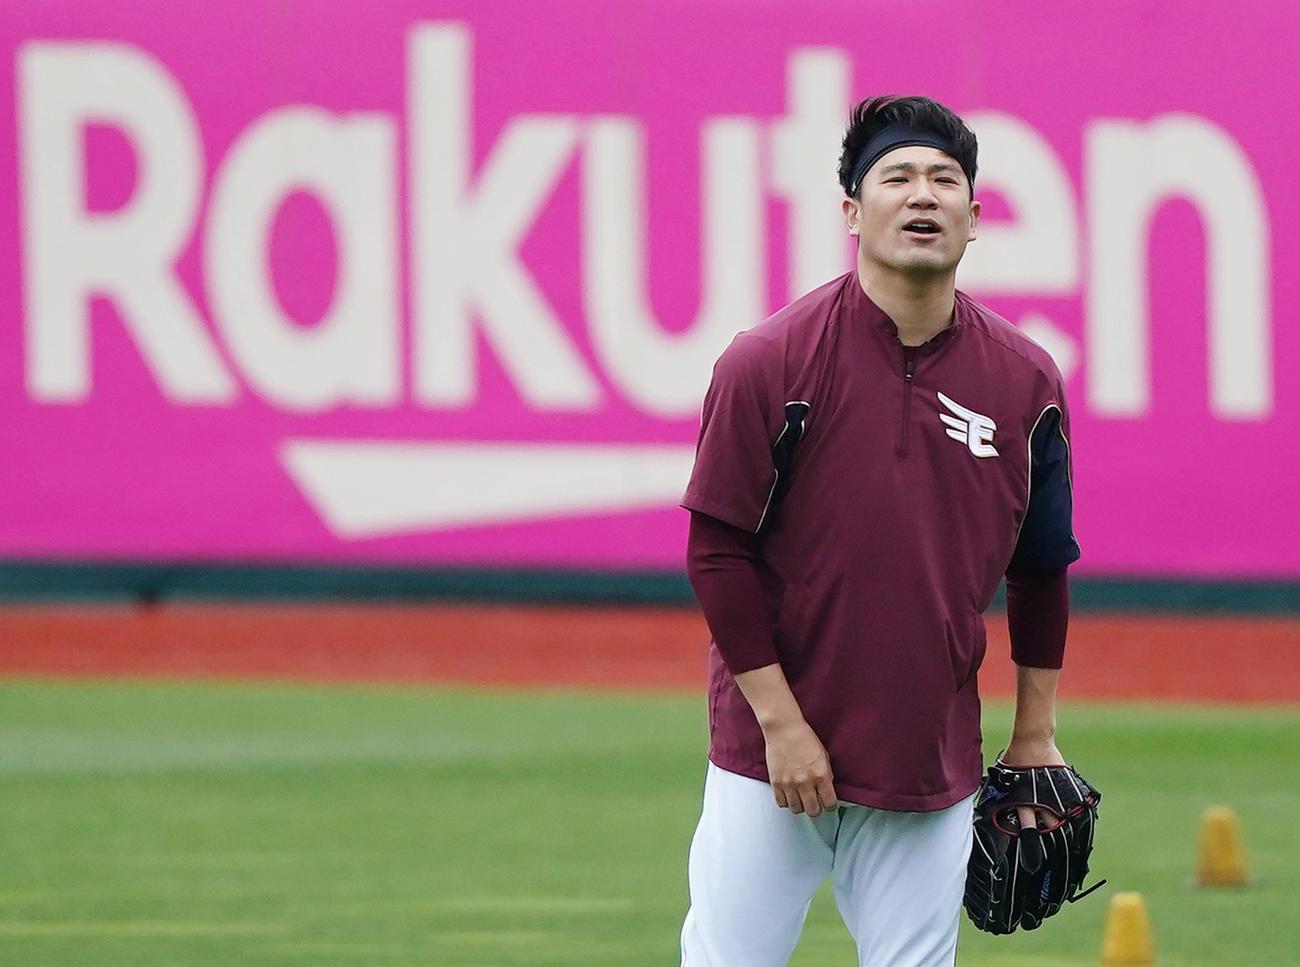 楽天対ロッテ 試合前、キャッチボールをする楽天田中将は、ボールがそれ声を出す(撮影・菅敏)